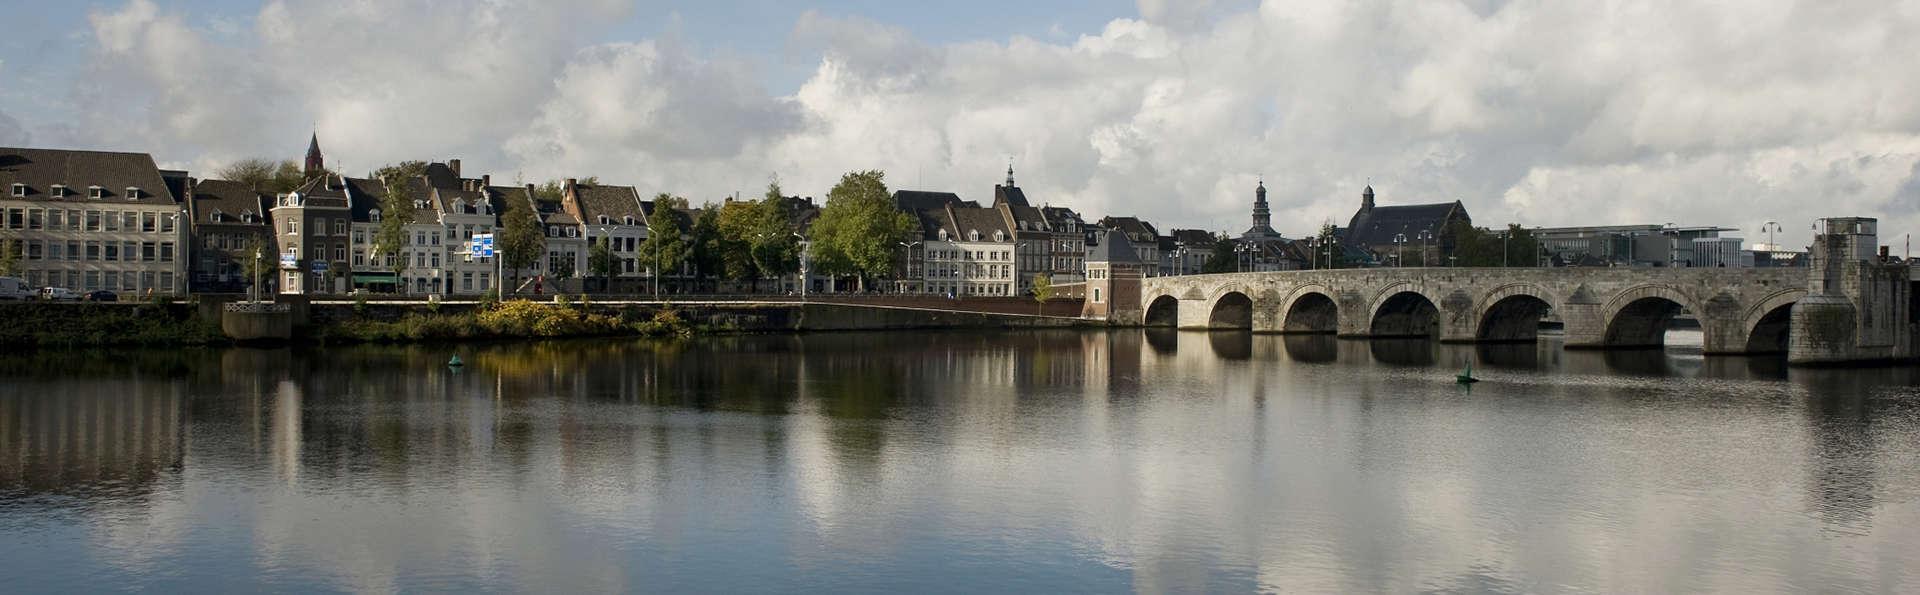 Designhotel Maastricht - Edit_Maastrich3.jpg